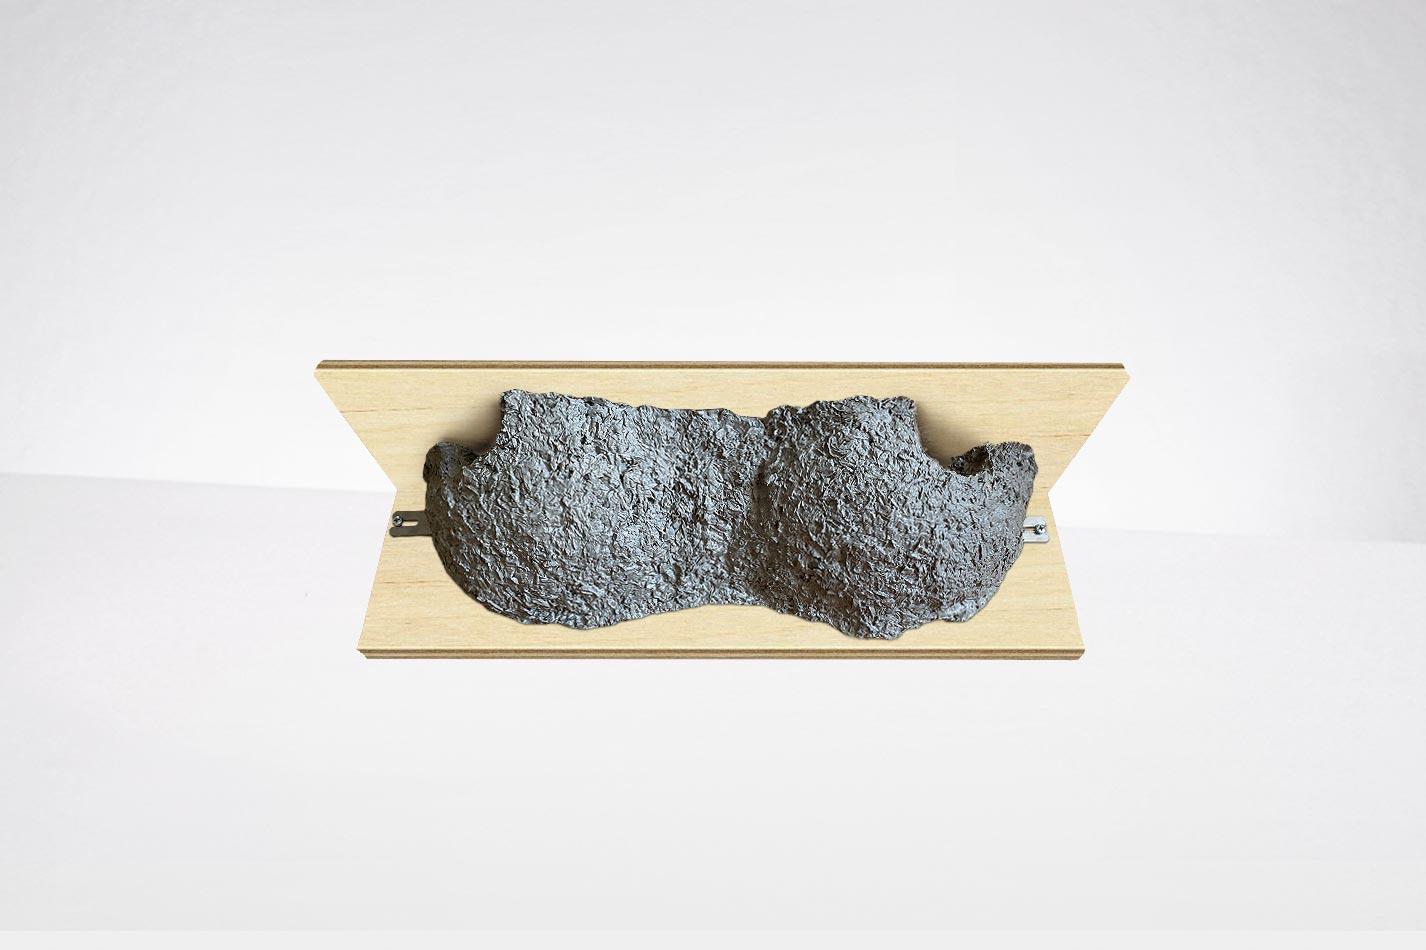 Nisthilfe für Mehlschwalben wie von Schwegler aus Holzbeton